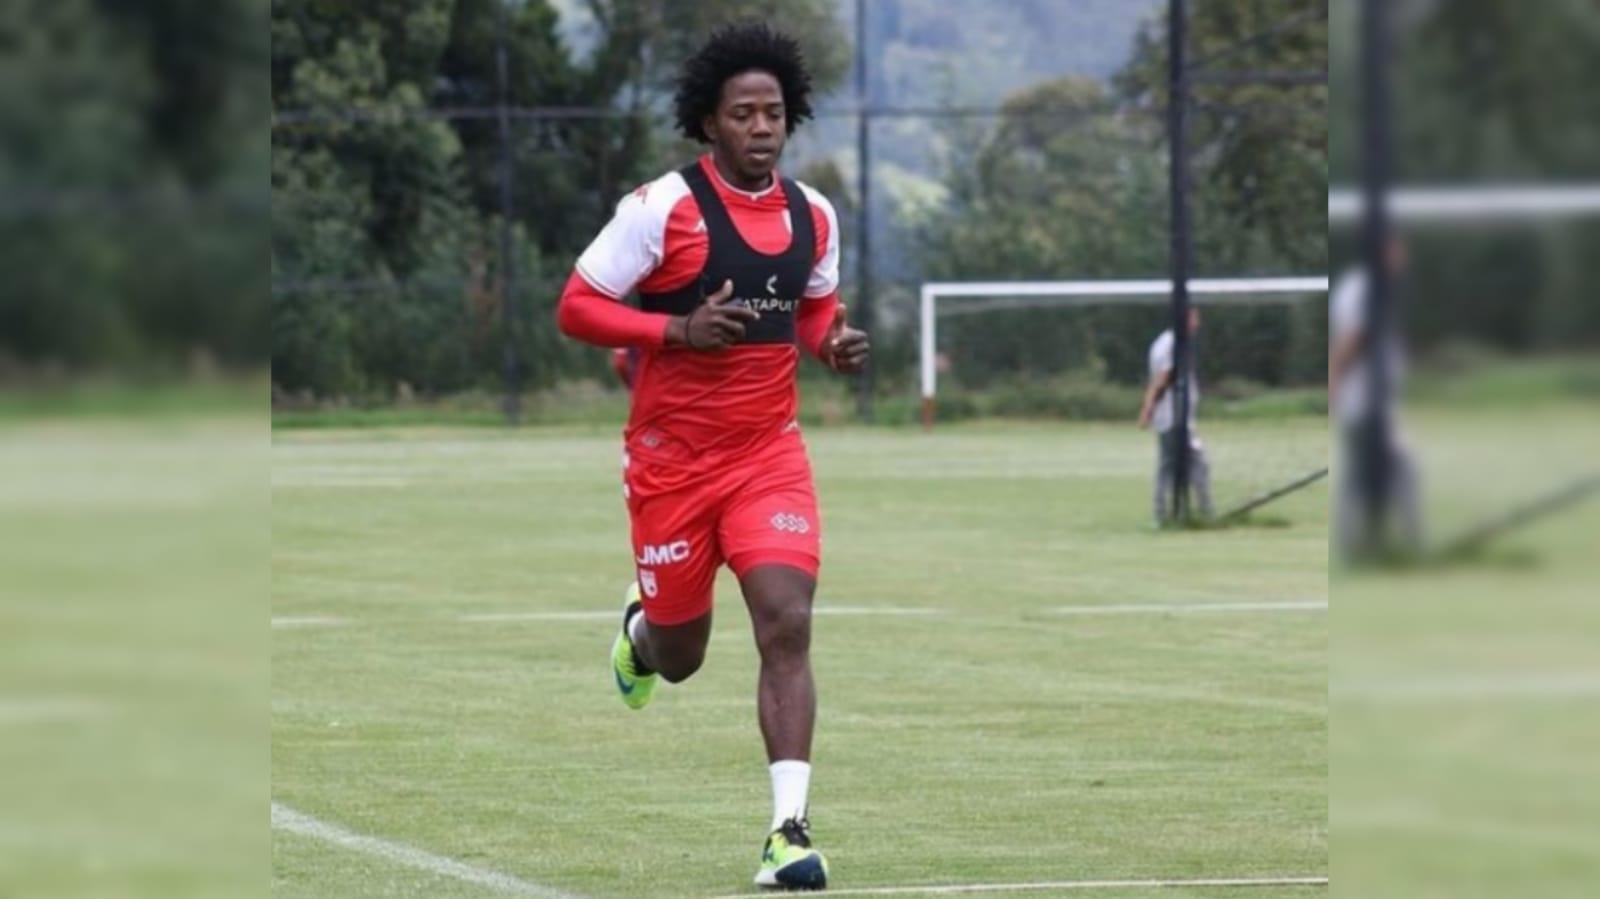 La 'Roca' Sánchez marcó su primer gol en Colombia